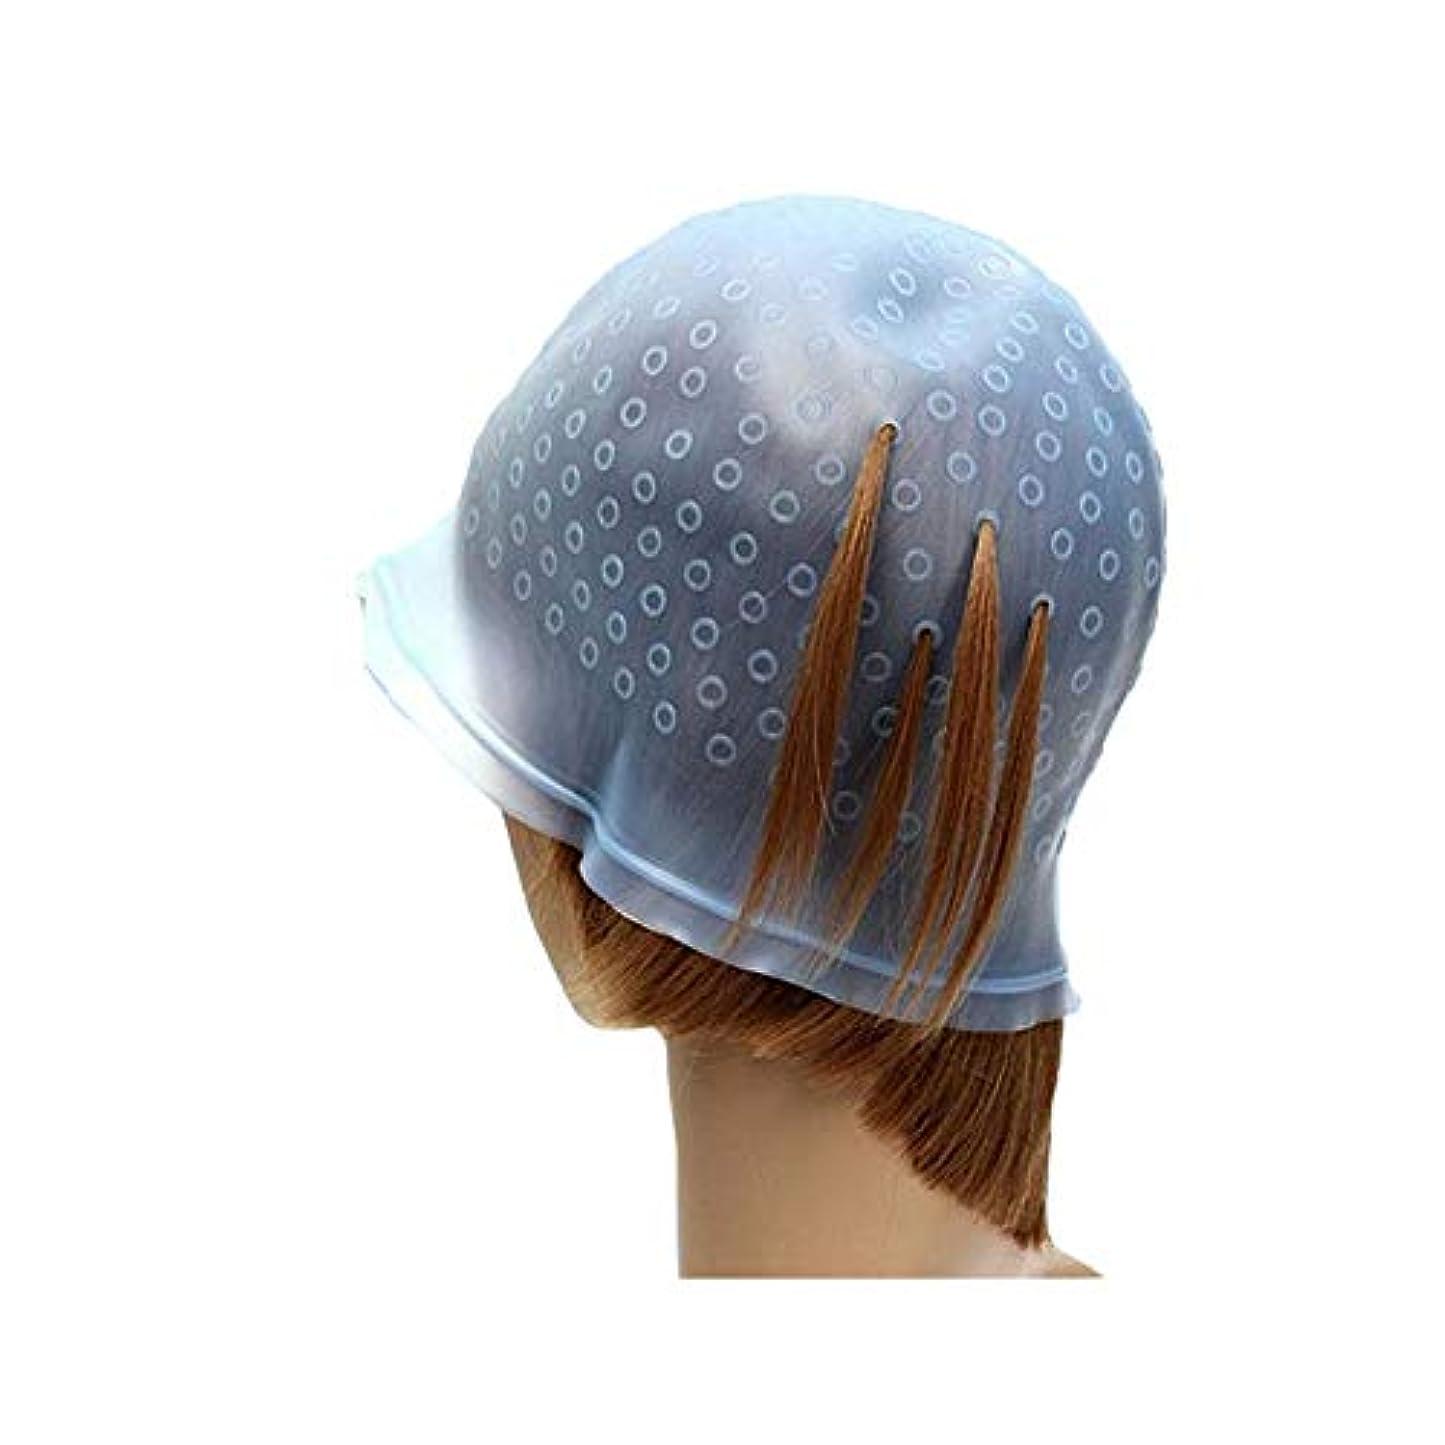 退屈ポーチパズルメッシュキャップ ヘアカラー 髪染め カラーリング メッシュ用 シリコンキャップ セルフカラー 髪の毛 穴あけ用のかぎ針付き 髪 レディース メンズ